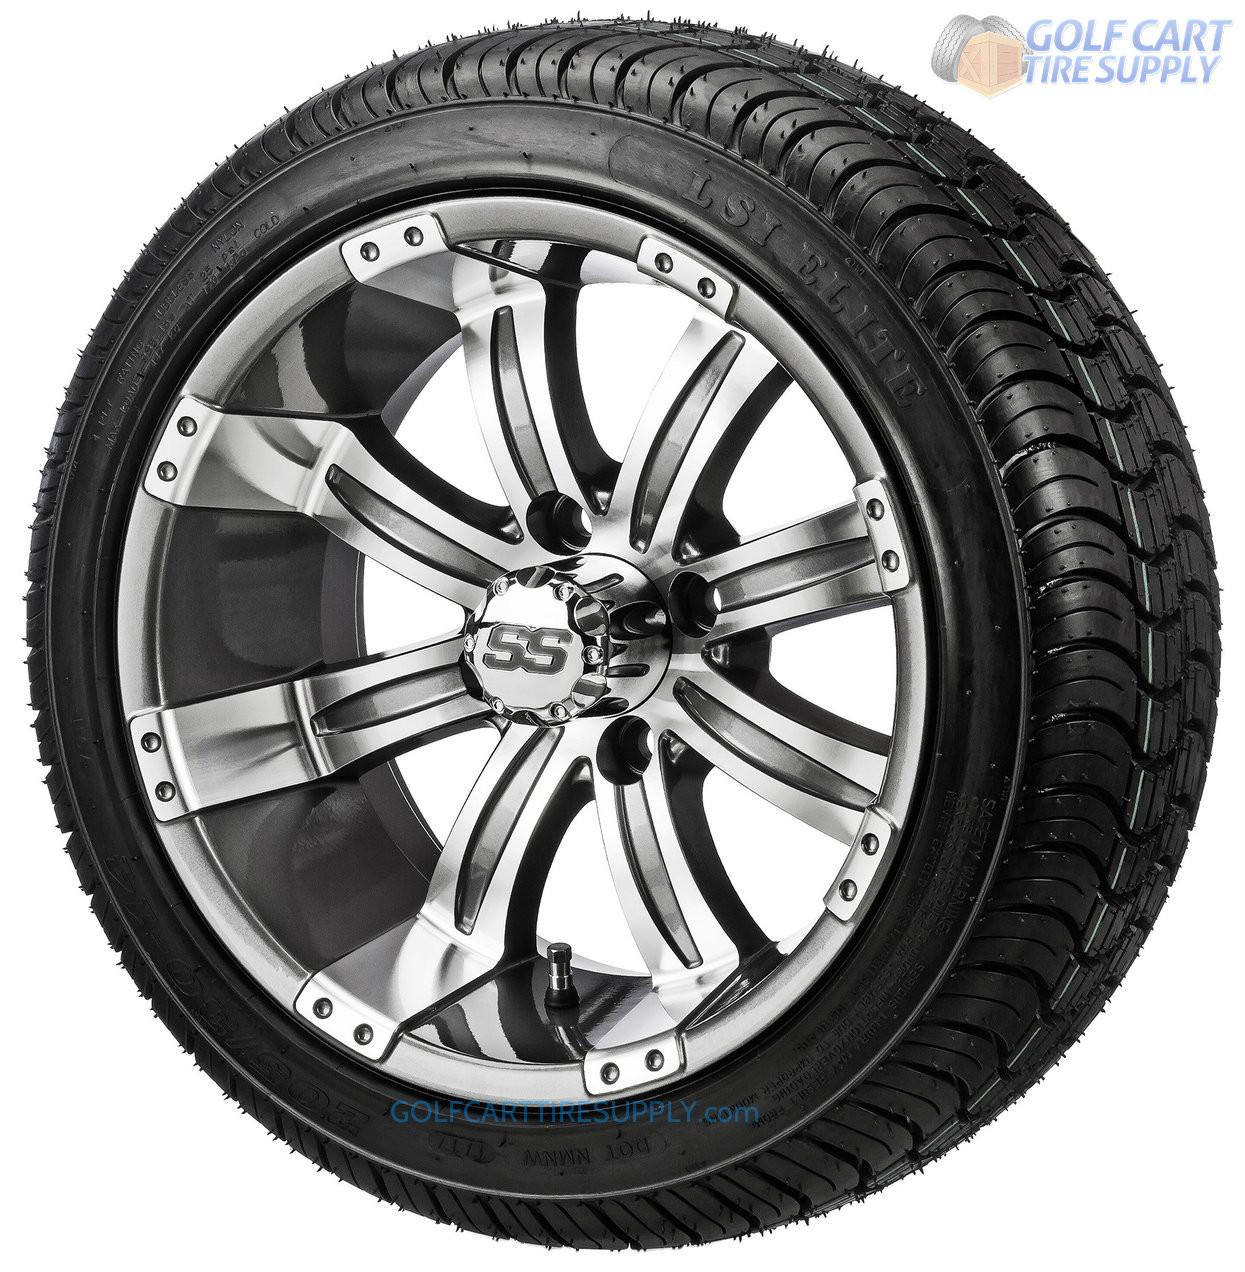 14 Tempest Gunmetal Golf Cart Wheels And 205 30 14 Dot Golf Cart Tires Gcts